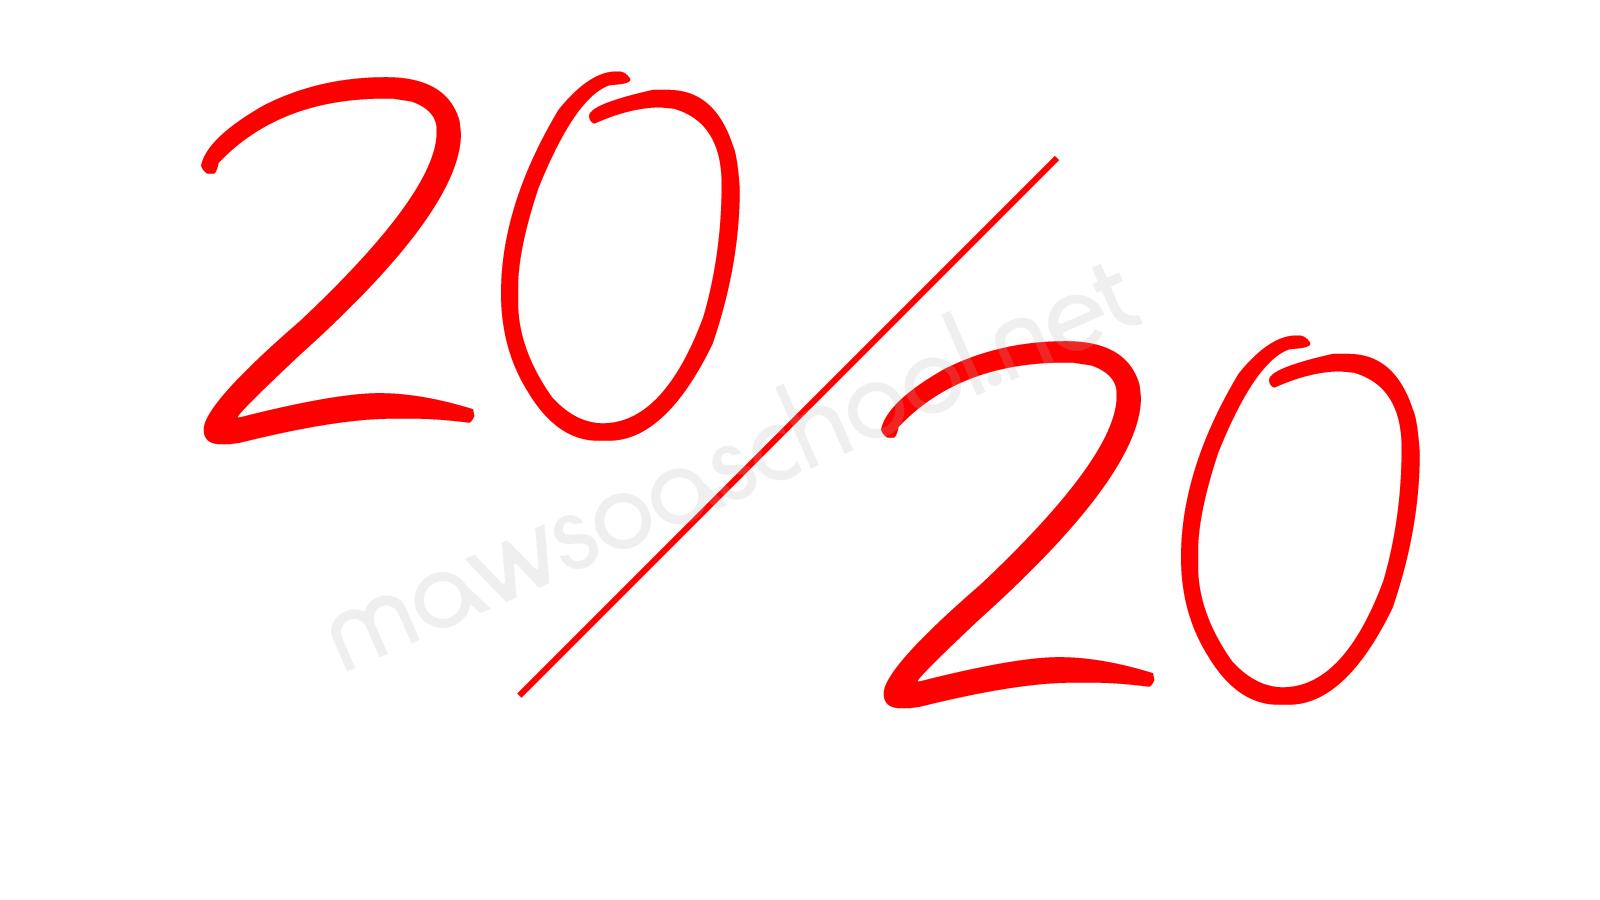 رؤى العباسي : تلميذة ثانية تتحصل على 20/20 في مادة الفلسفة